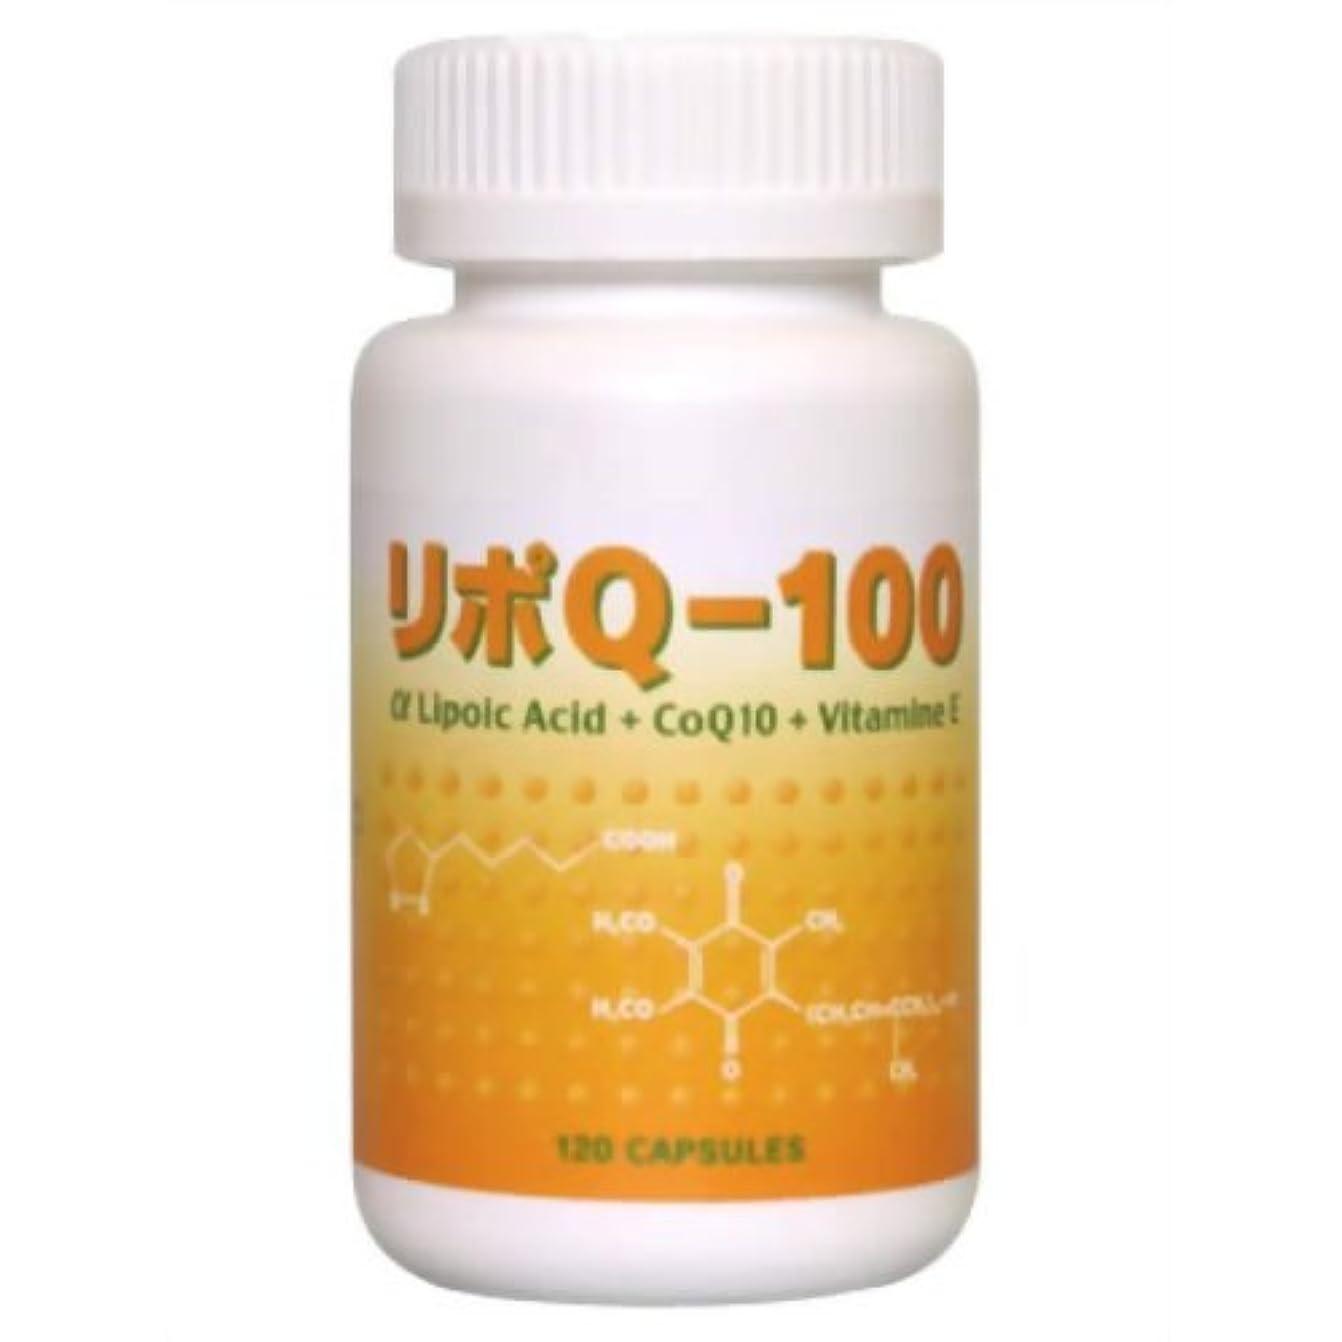 機転衝突するファシズムリポQ-100 120カプセル(アルファリポ酸/αリポ酸配合)